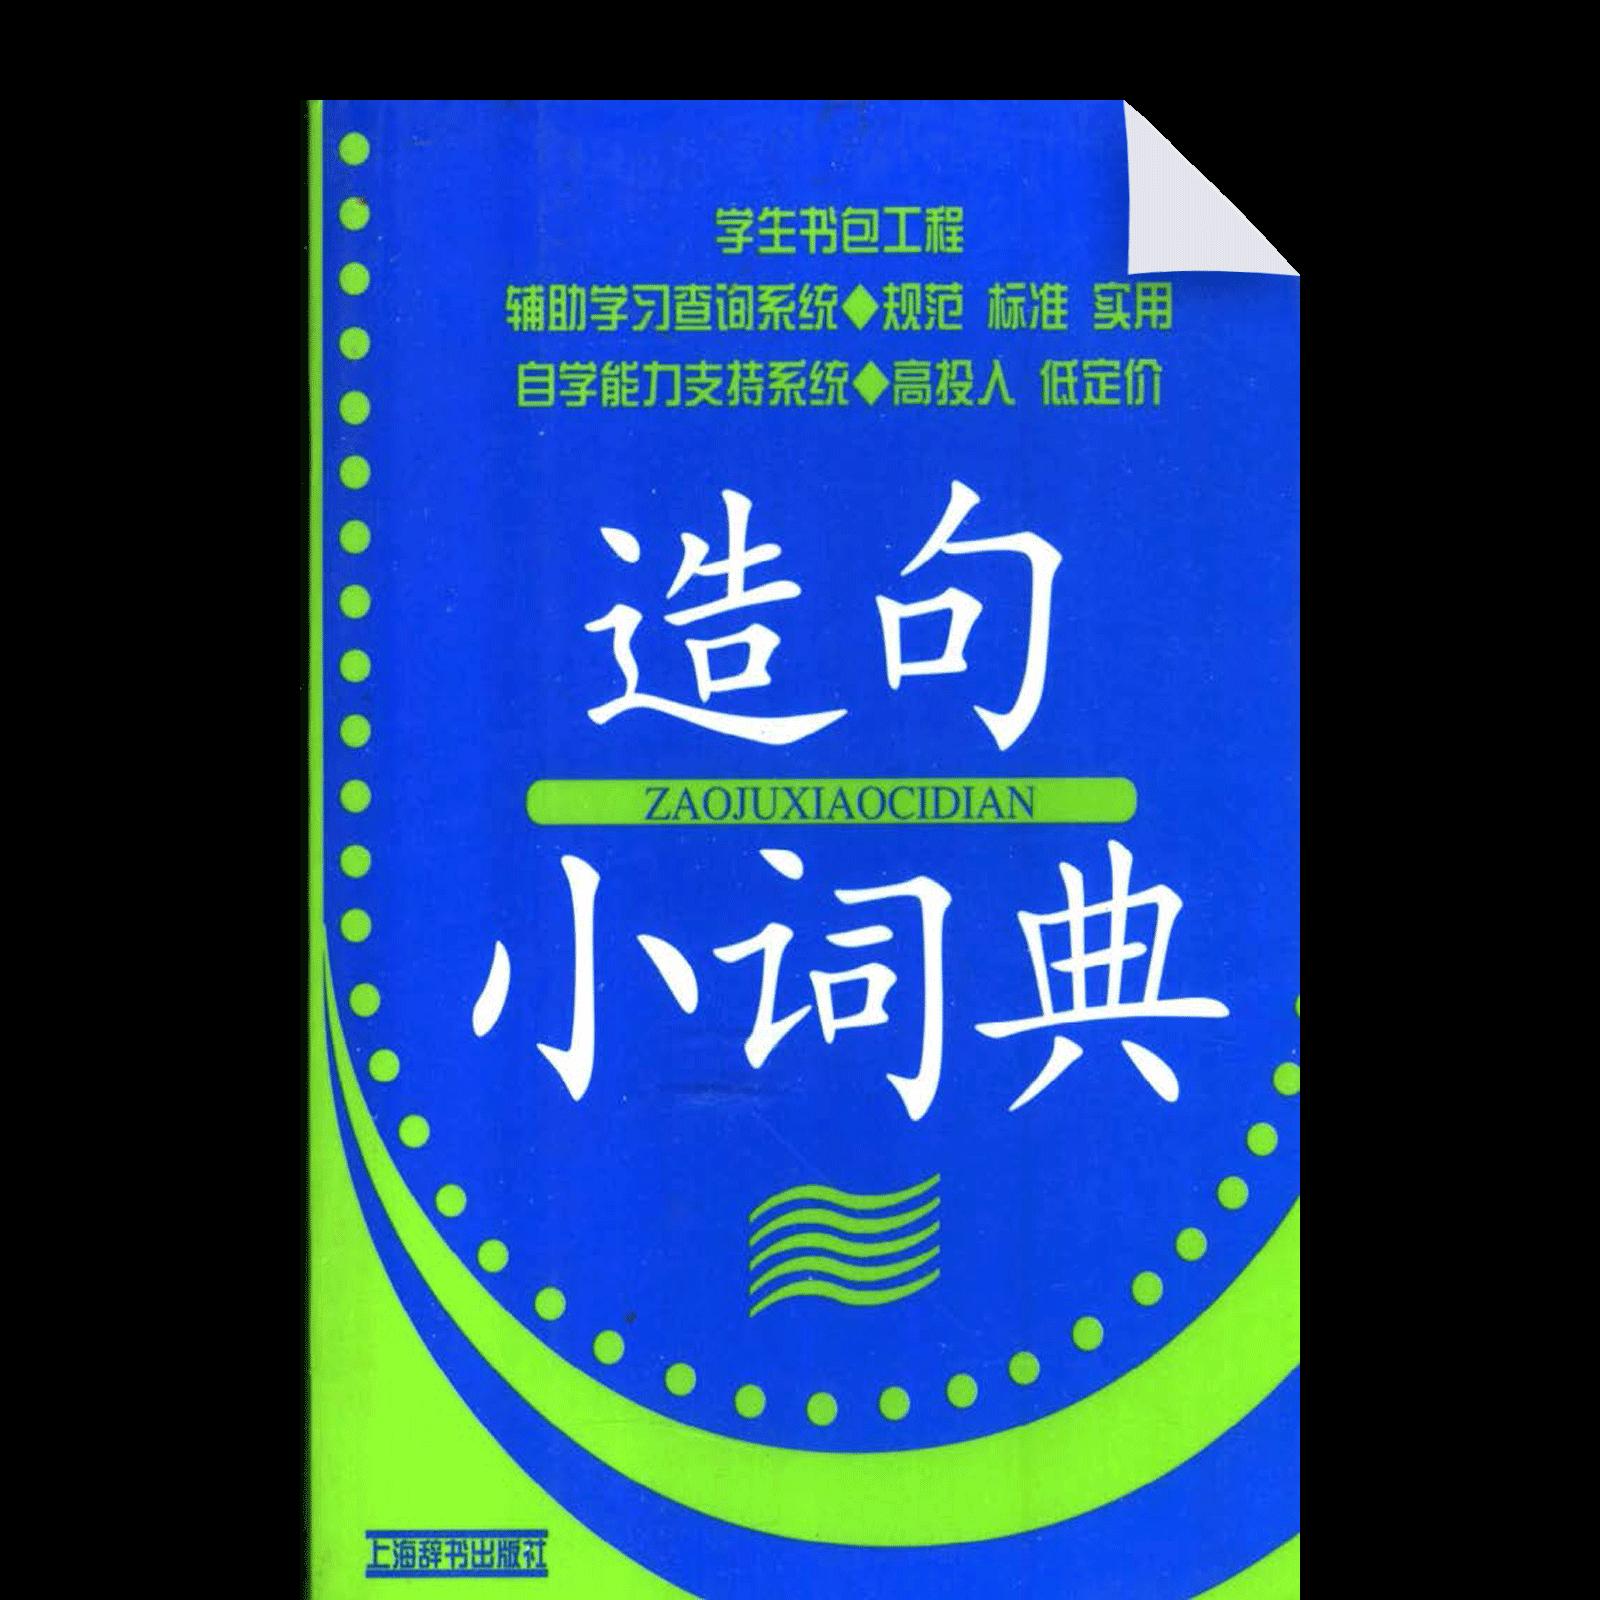 Zaoju Xiaocidian